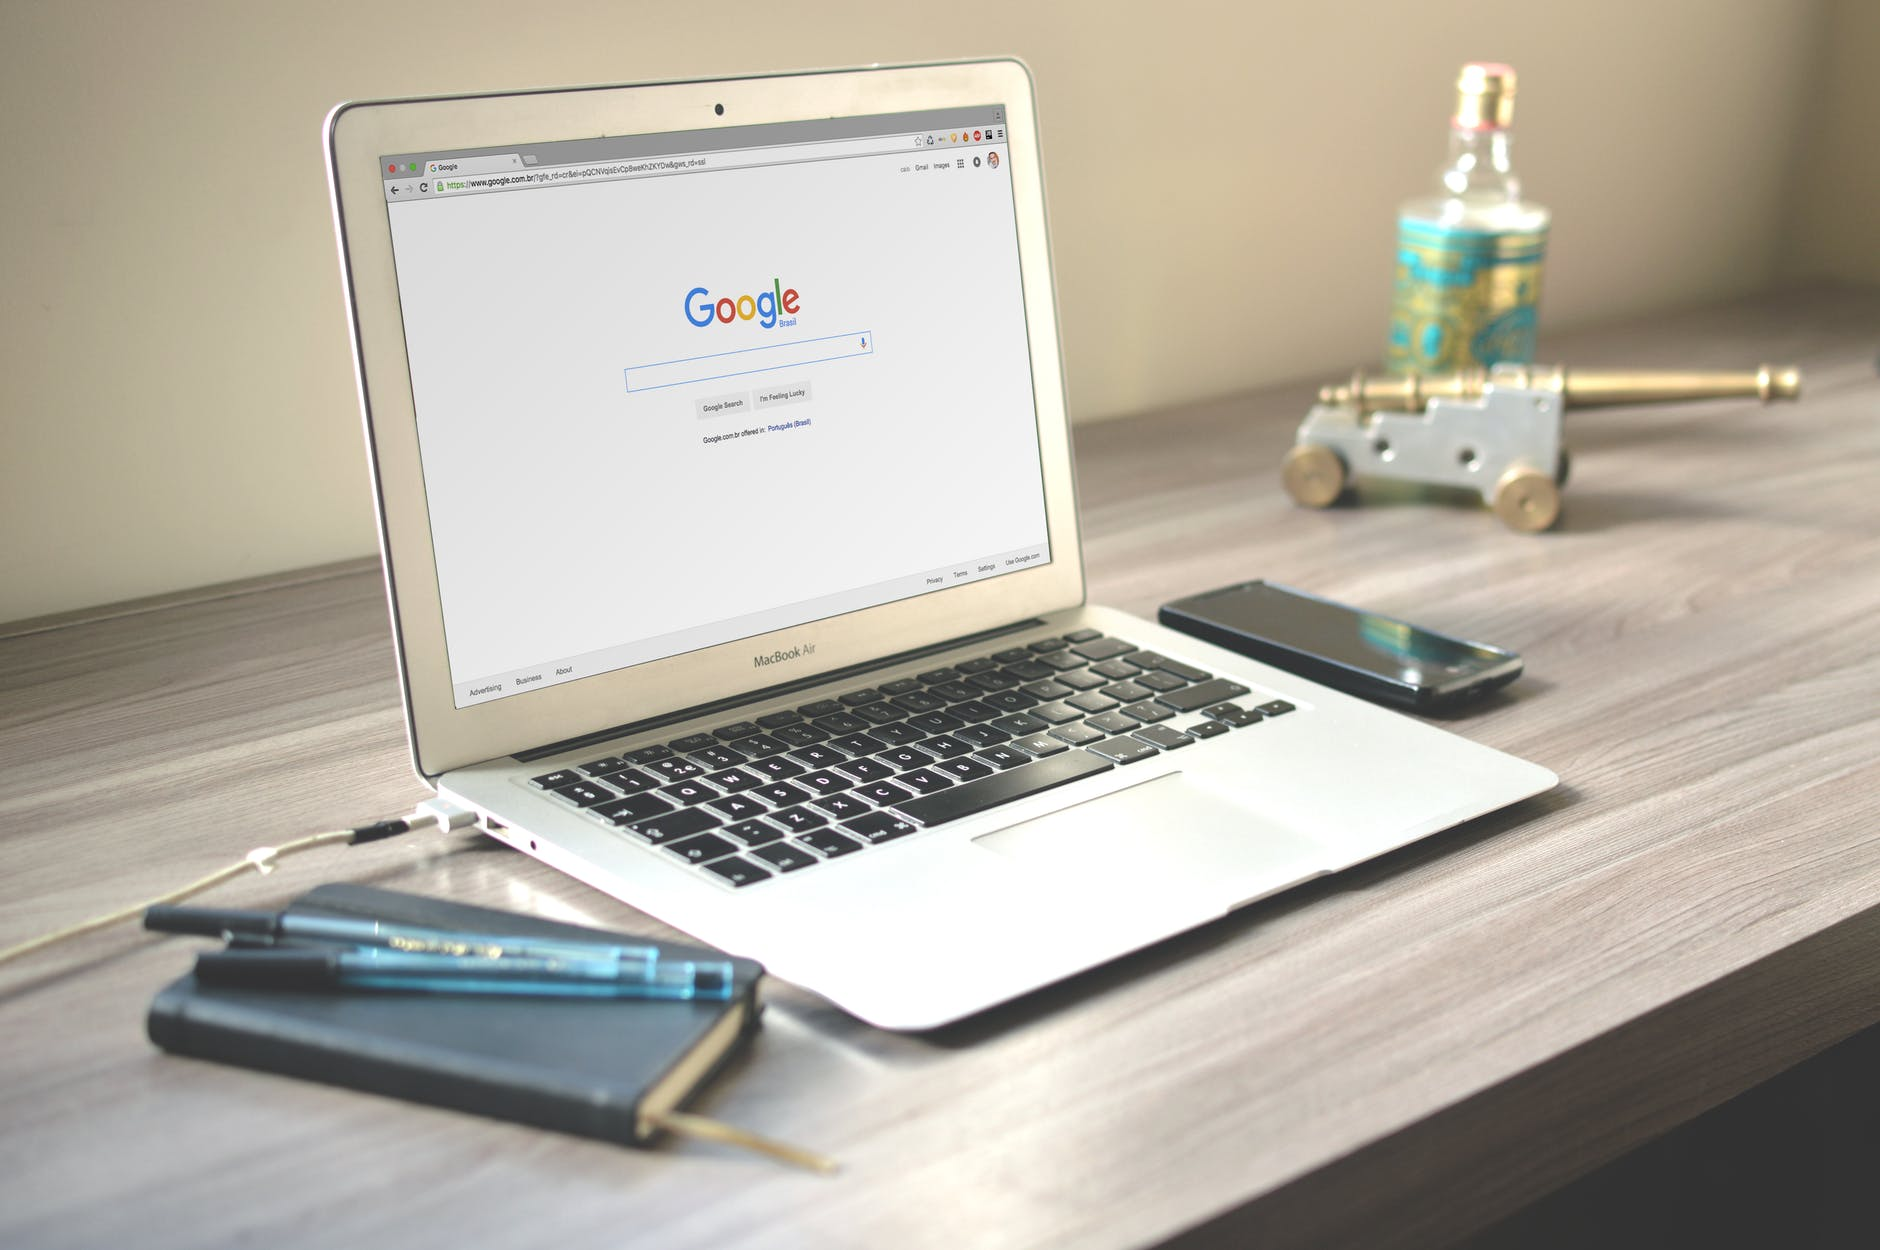 GoogleChromeのメモリを大量使っていた原因は機能拡張でした。